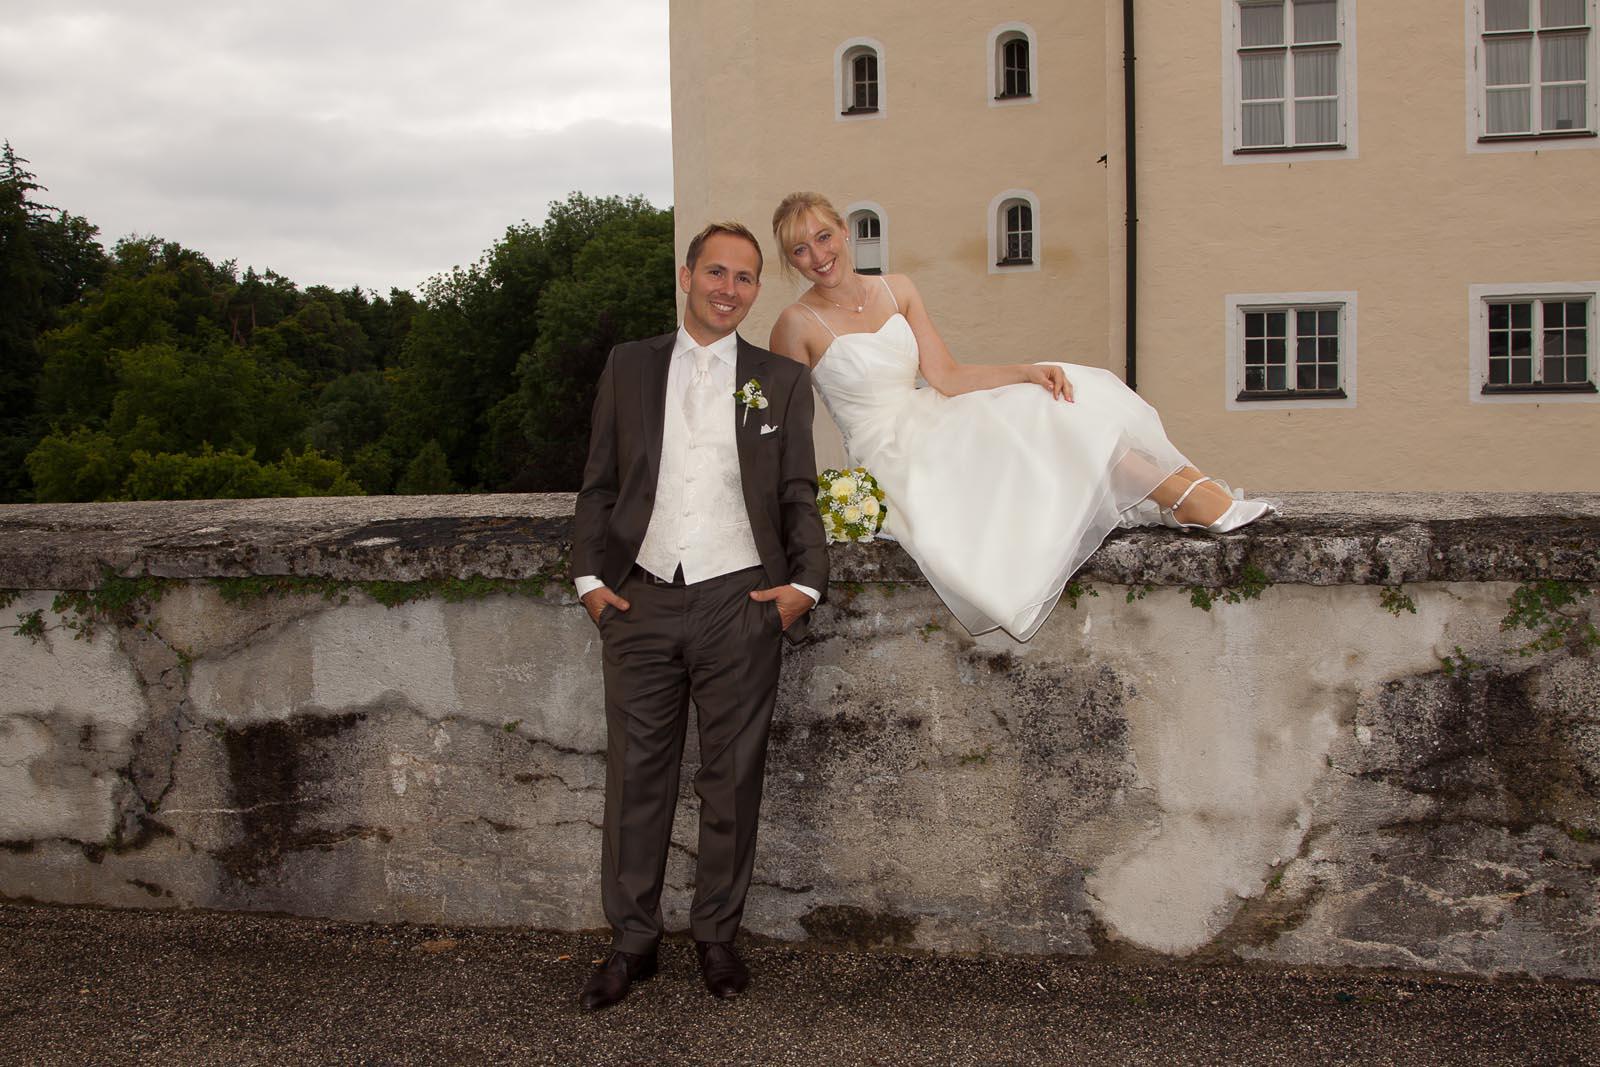 Hochzeit-Espig-Hochzeit-Espig-3874.jpg